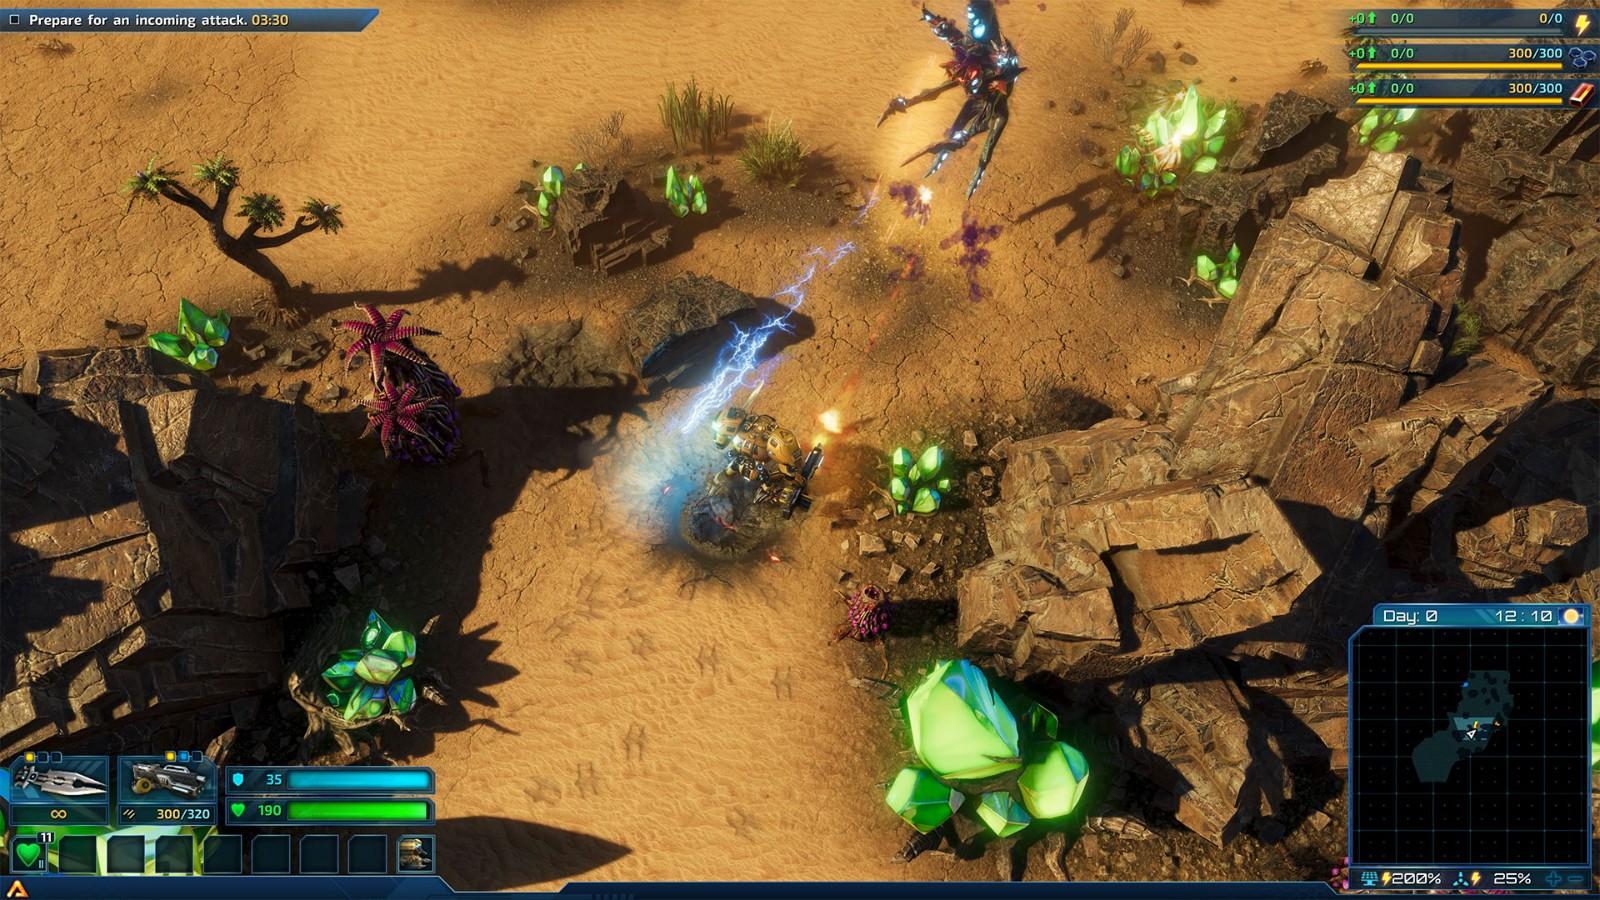 《银河破裂者》10月14日正式发售 登陆PC、PS5及Xbox Series X